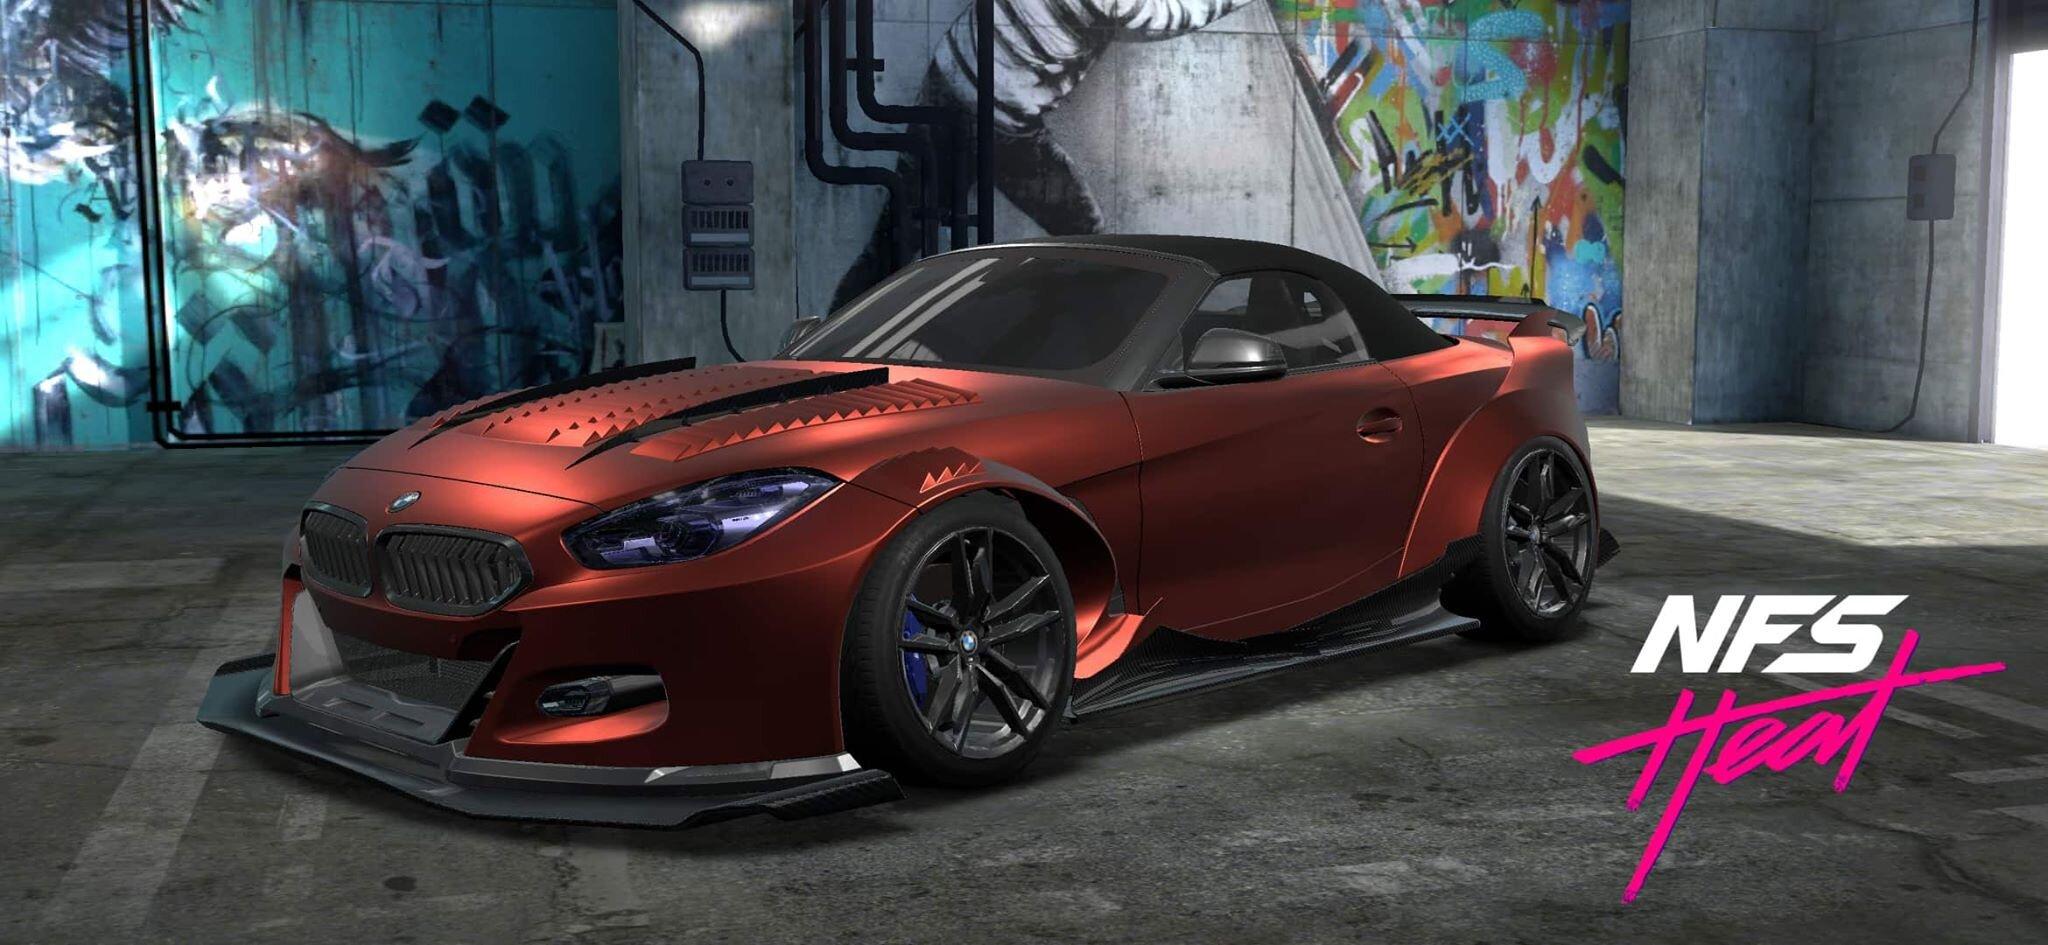 Need For Speed Heat Studio Drop 6 Adds Nissan 370z Bmw Z4